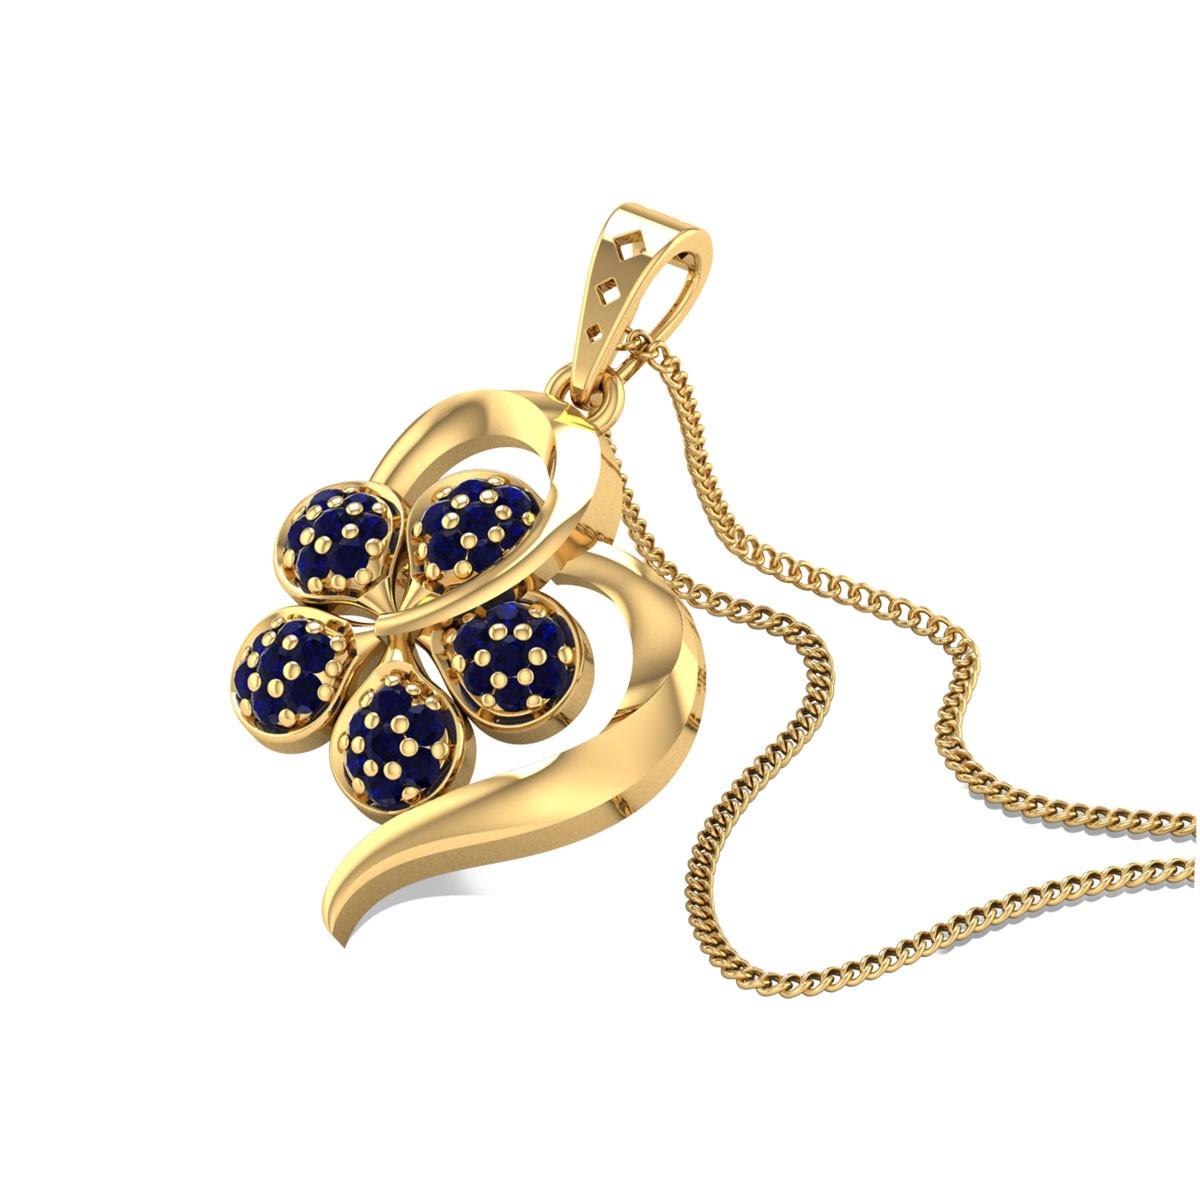 Sapphire Floral Heart Pendant